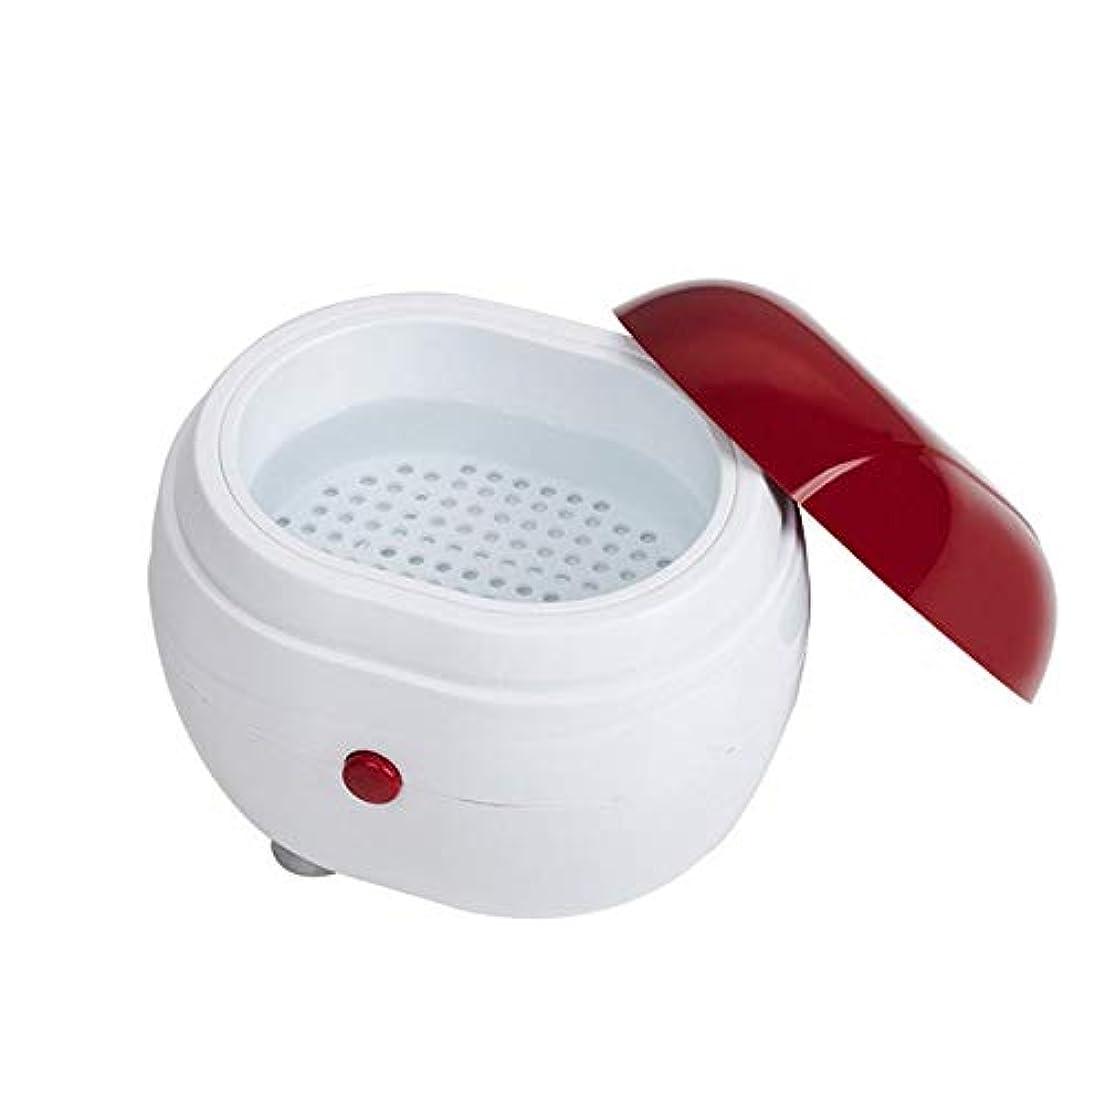 裏切りオークション生きているポータブル超音波洗濯機家庭用ジュエリーレンズ時計入れ歯クリーニング機洗濯機クリーナークリーニングボックス - 赤&白